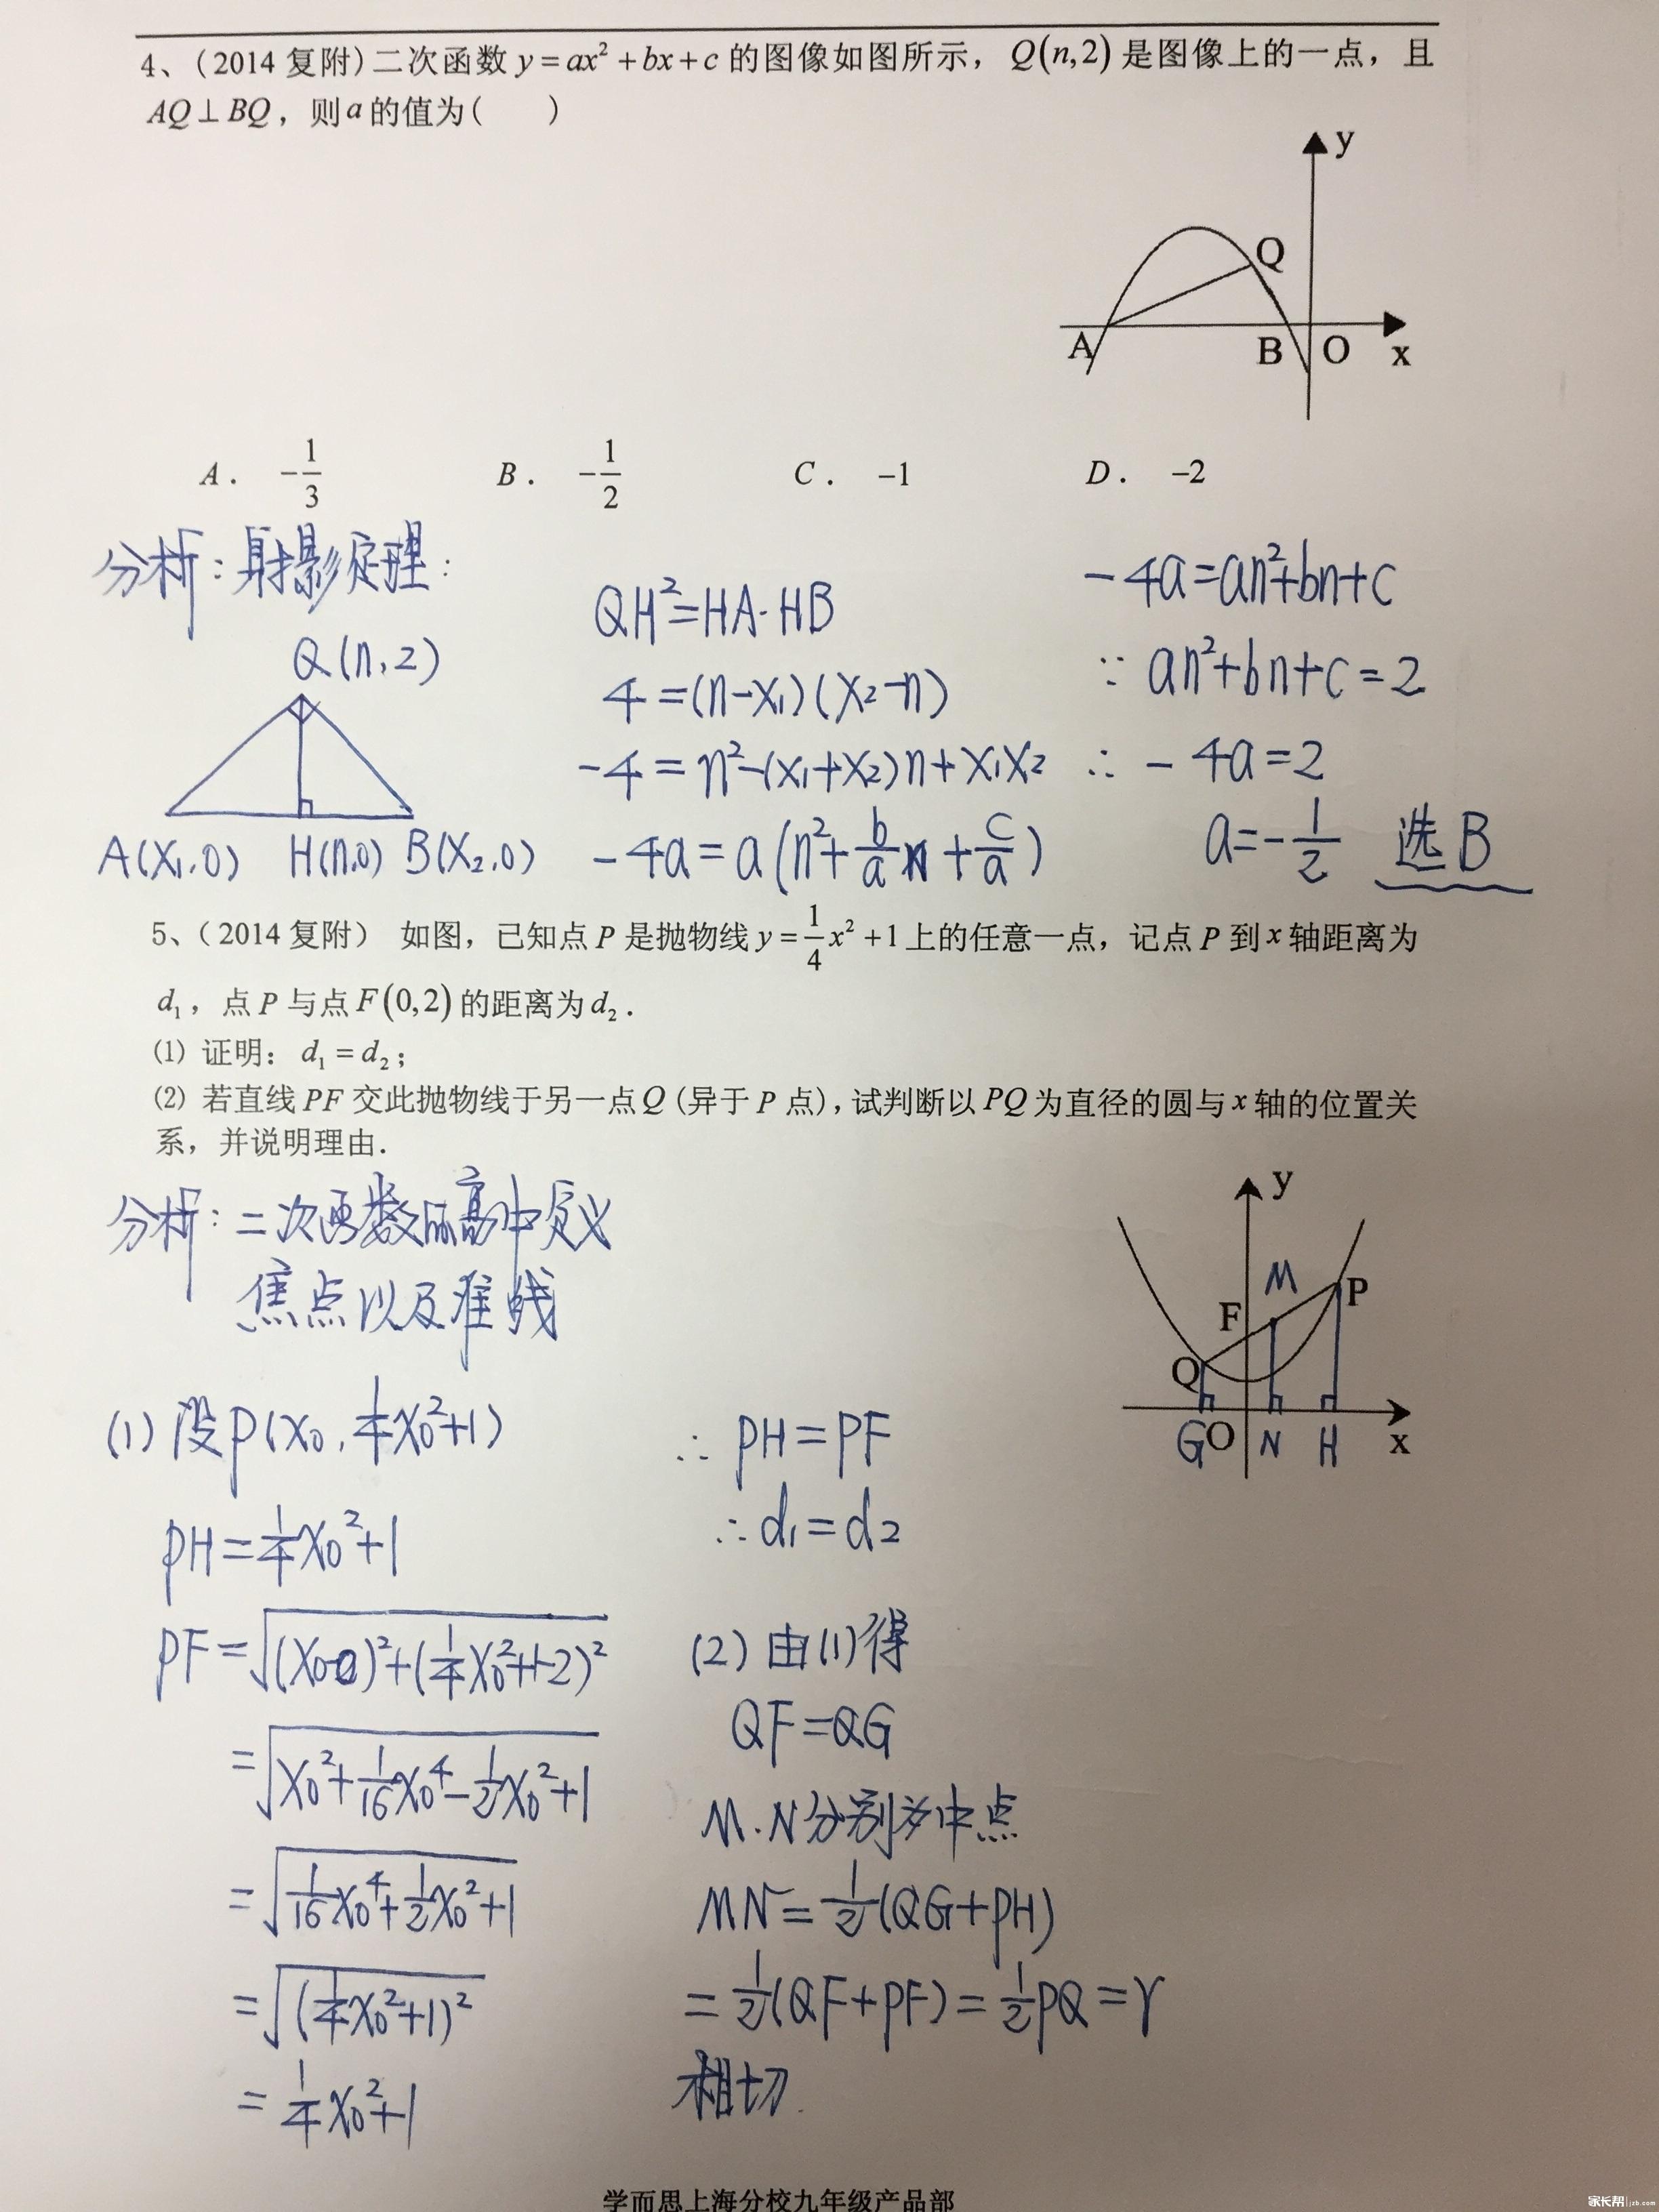 二次函数2.JPG